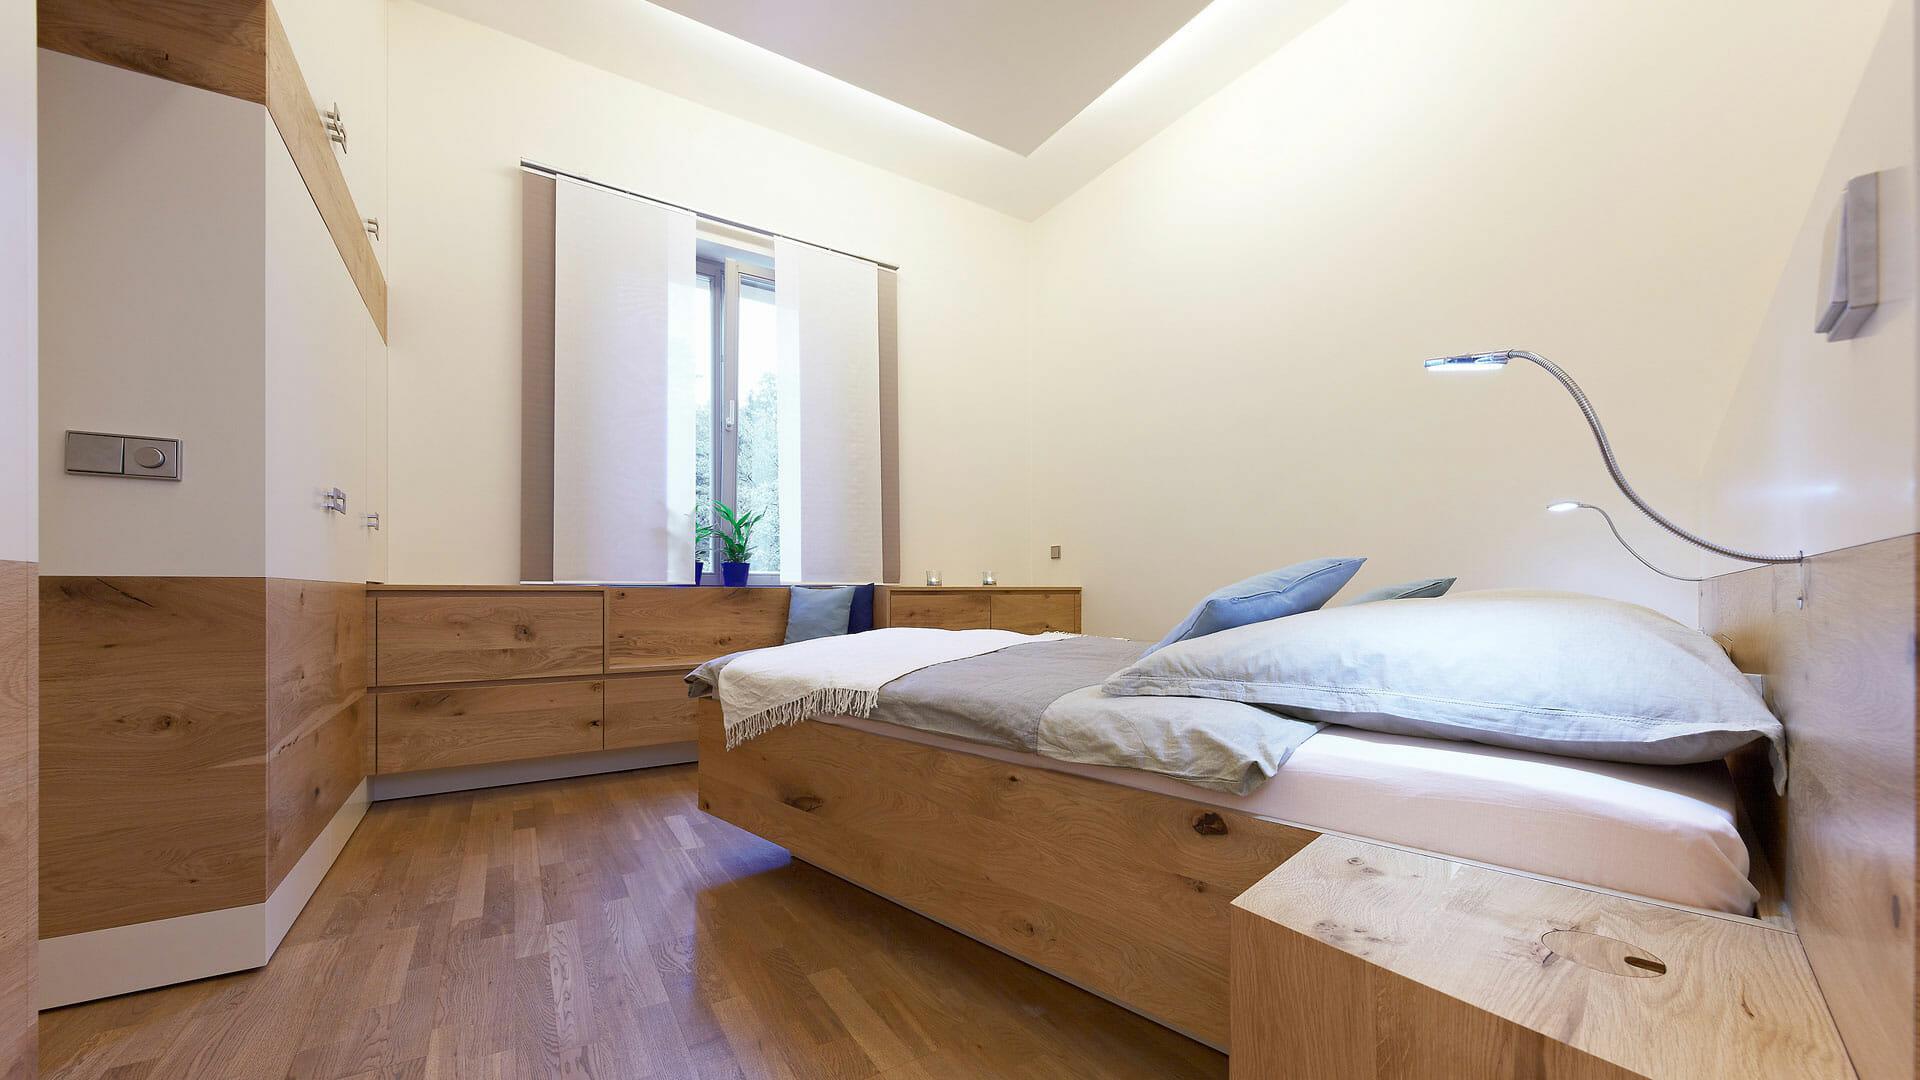 Full Size of Modernes Massivholz Schlafzimmer Diemeistertischler Deckenlampe Rauch Set Mit Matratze Und Lattenrost Deckenleuchte Günstige Komplett Sessel Komplettangebote Schlafzimmer Schlafzimmer Massivholz